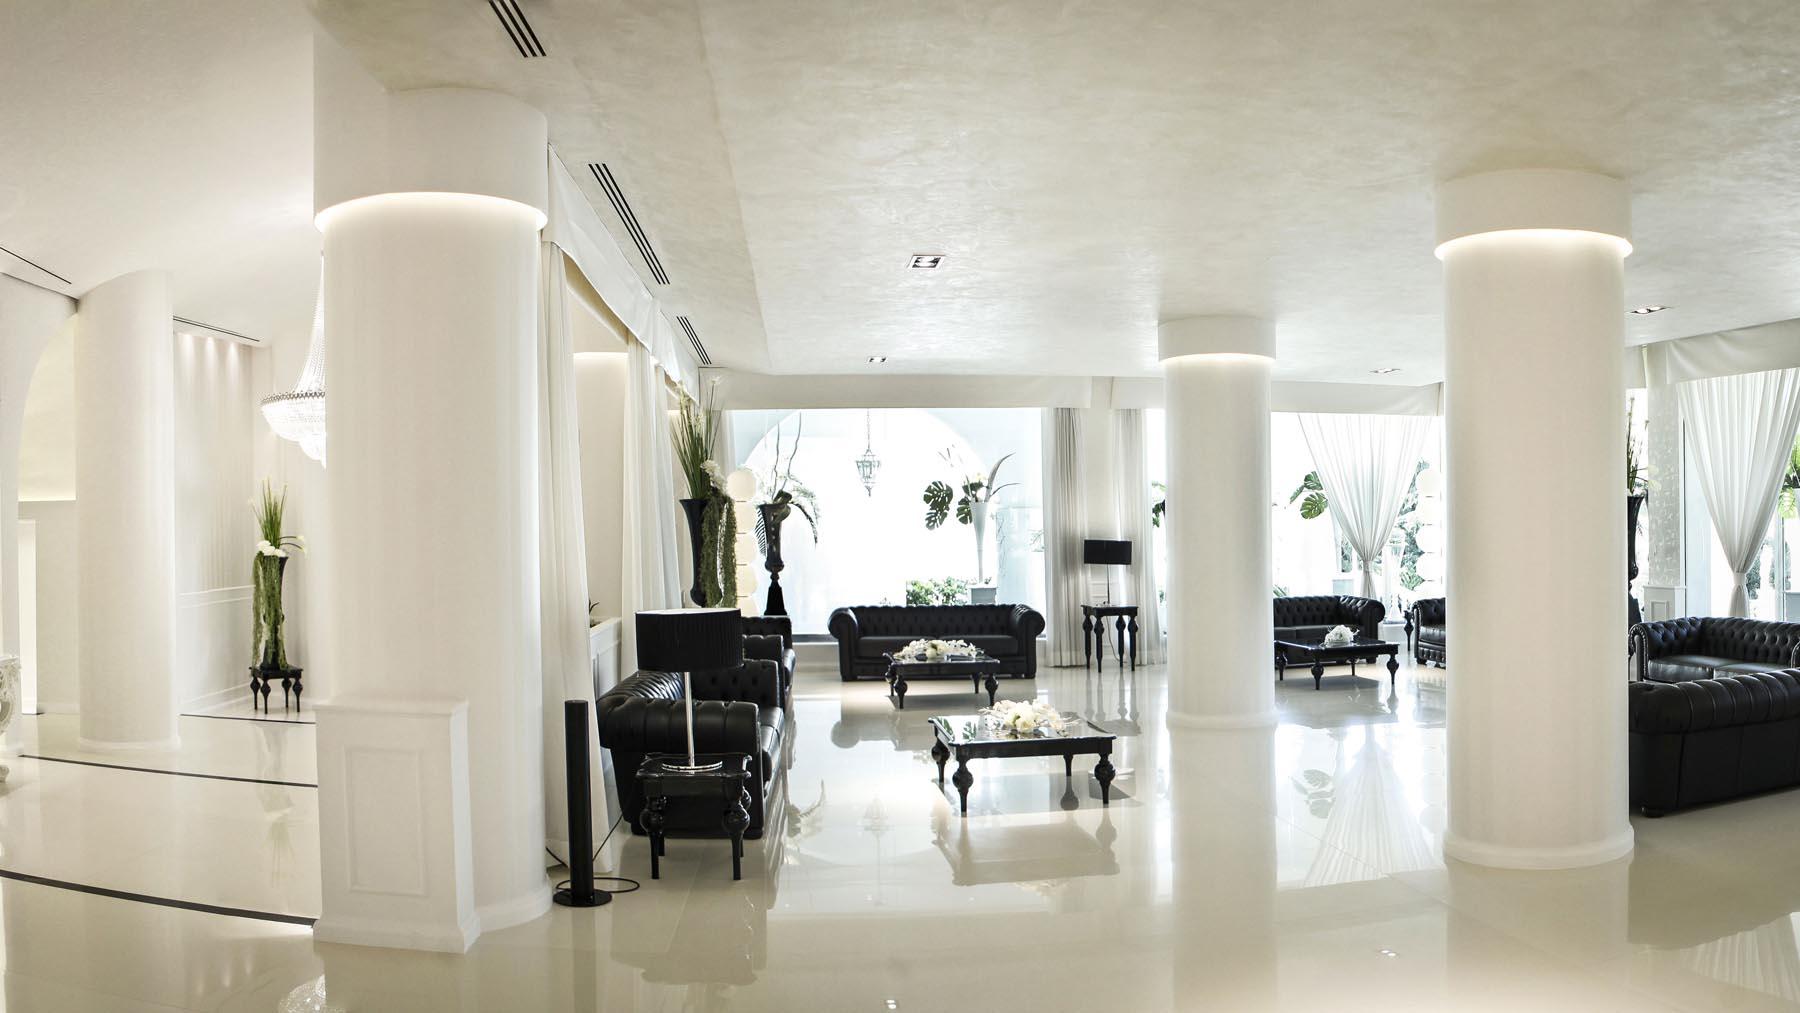 Dea-Ebe-Black-e-White-in-stile-chanel-(6)